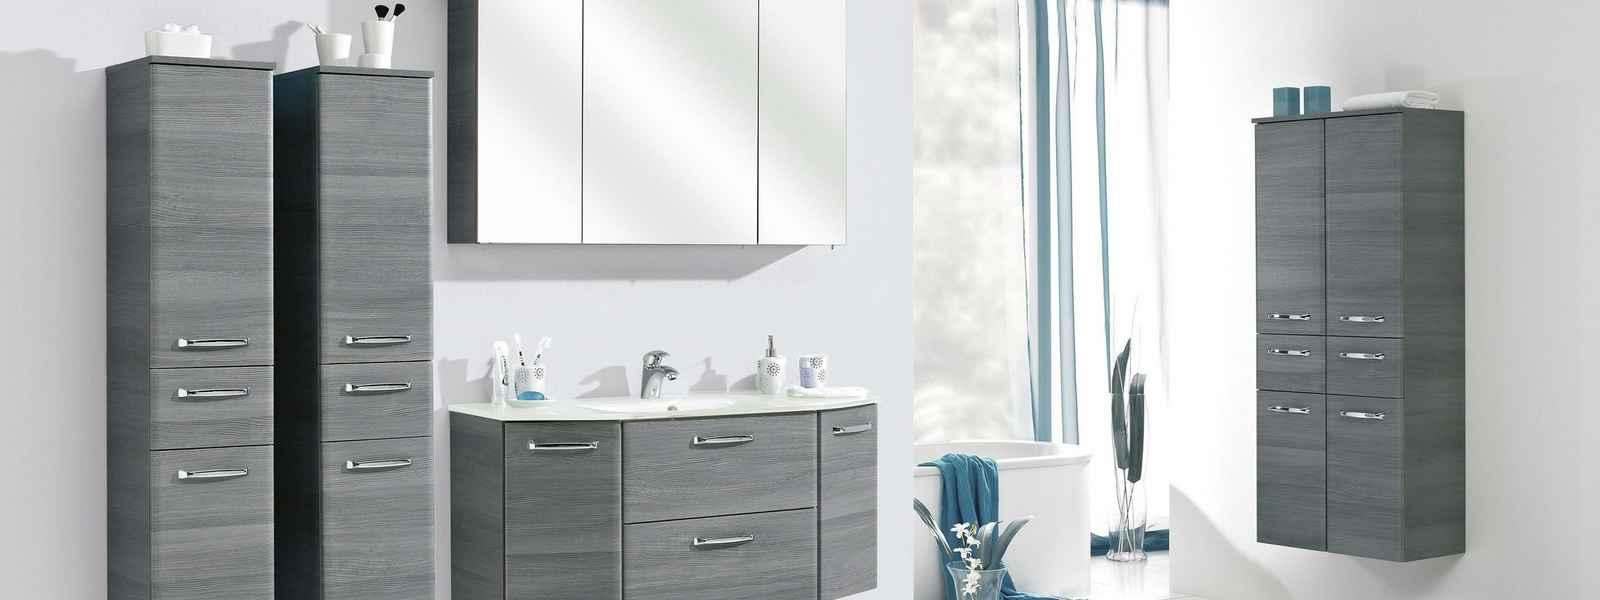 (und.(ist.raum.badezimmer).(ist.sortiment.aufbewahrung.beleuchtung.dekoration.moebel).(~.(v.1)))